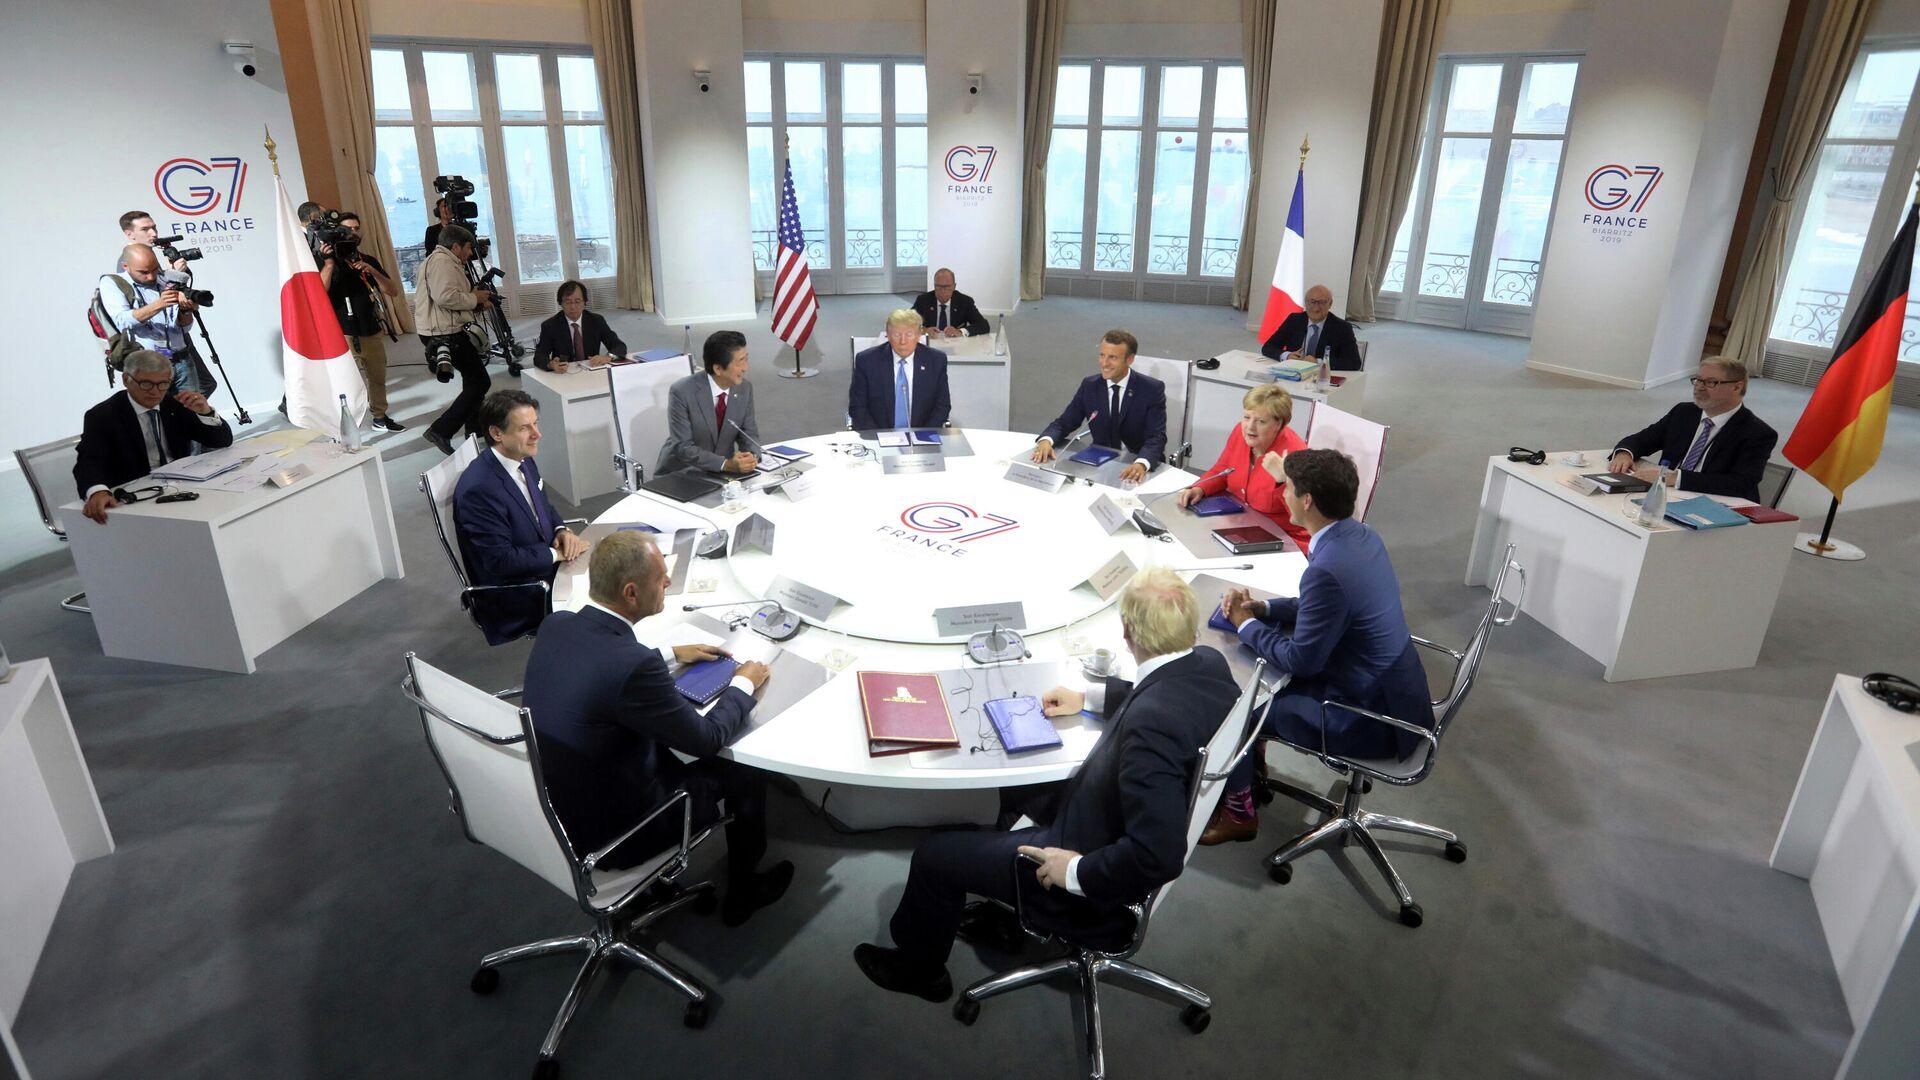 Рабочая встреча на полях саммита G7  - РИА Новости, 1920, 11.06.2021